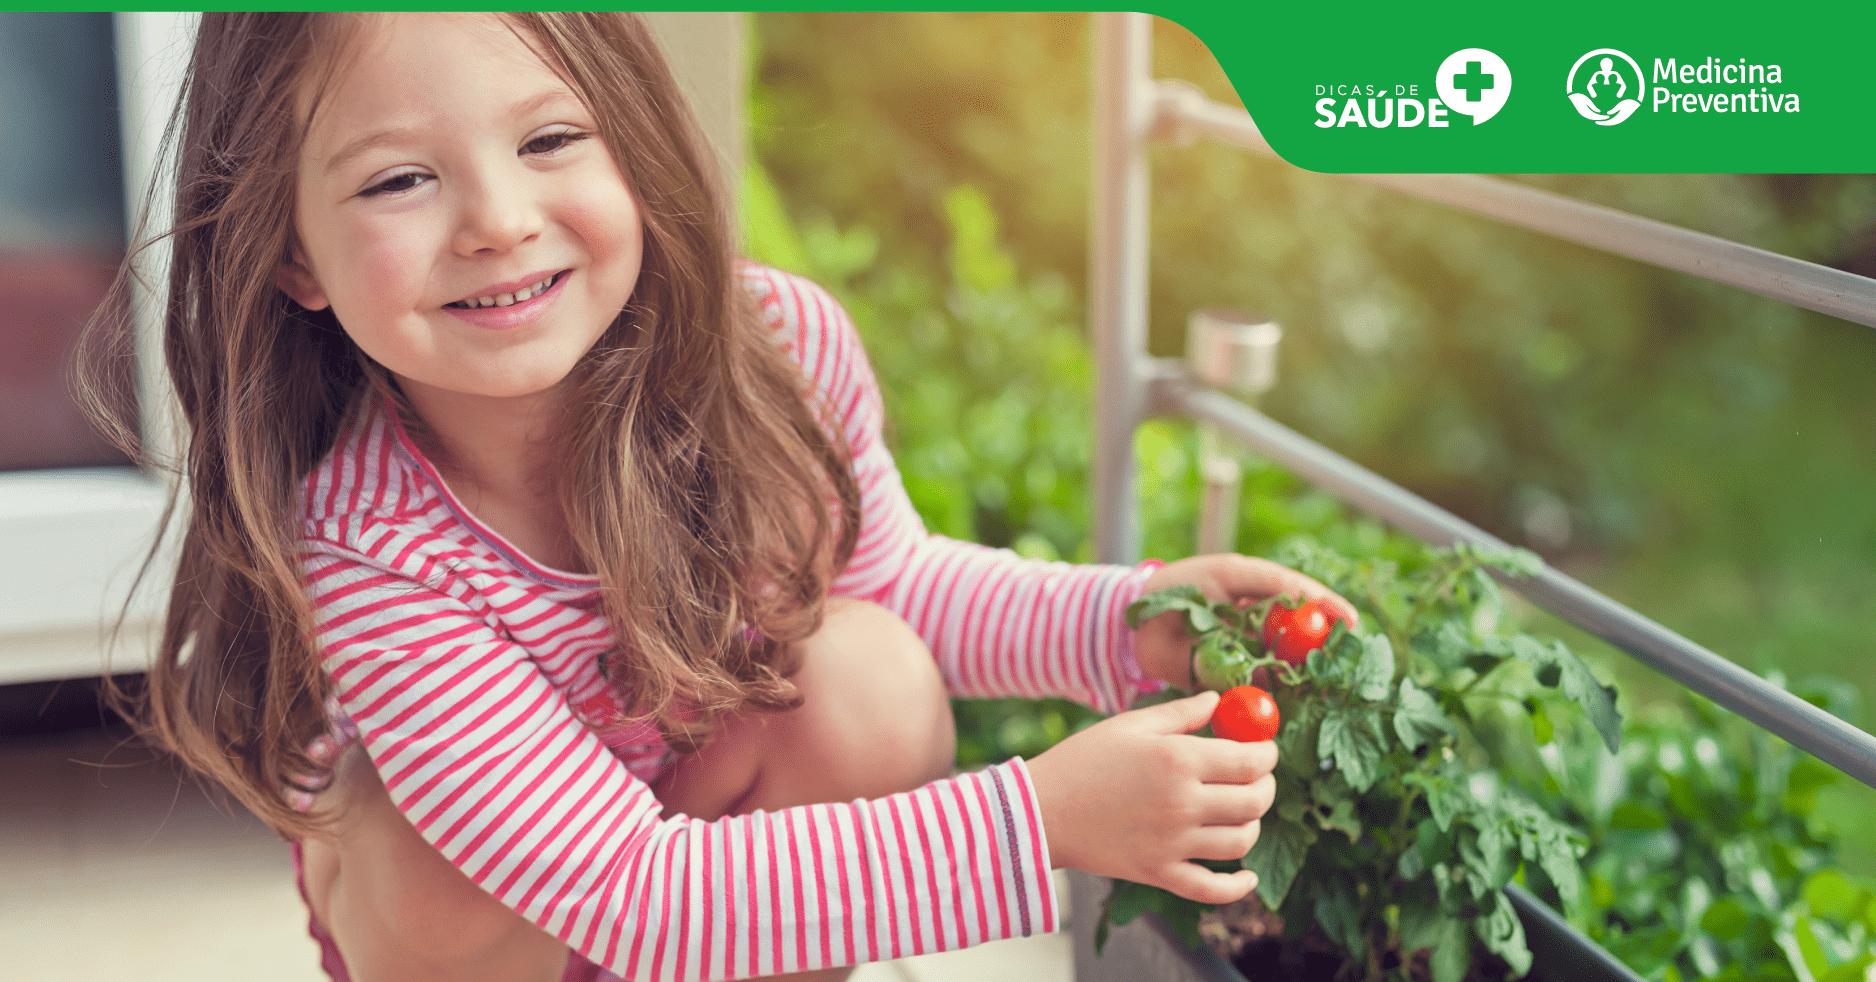 Cultivo de Plantas em Casa: Saiba como começar!